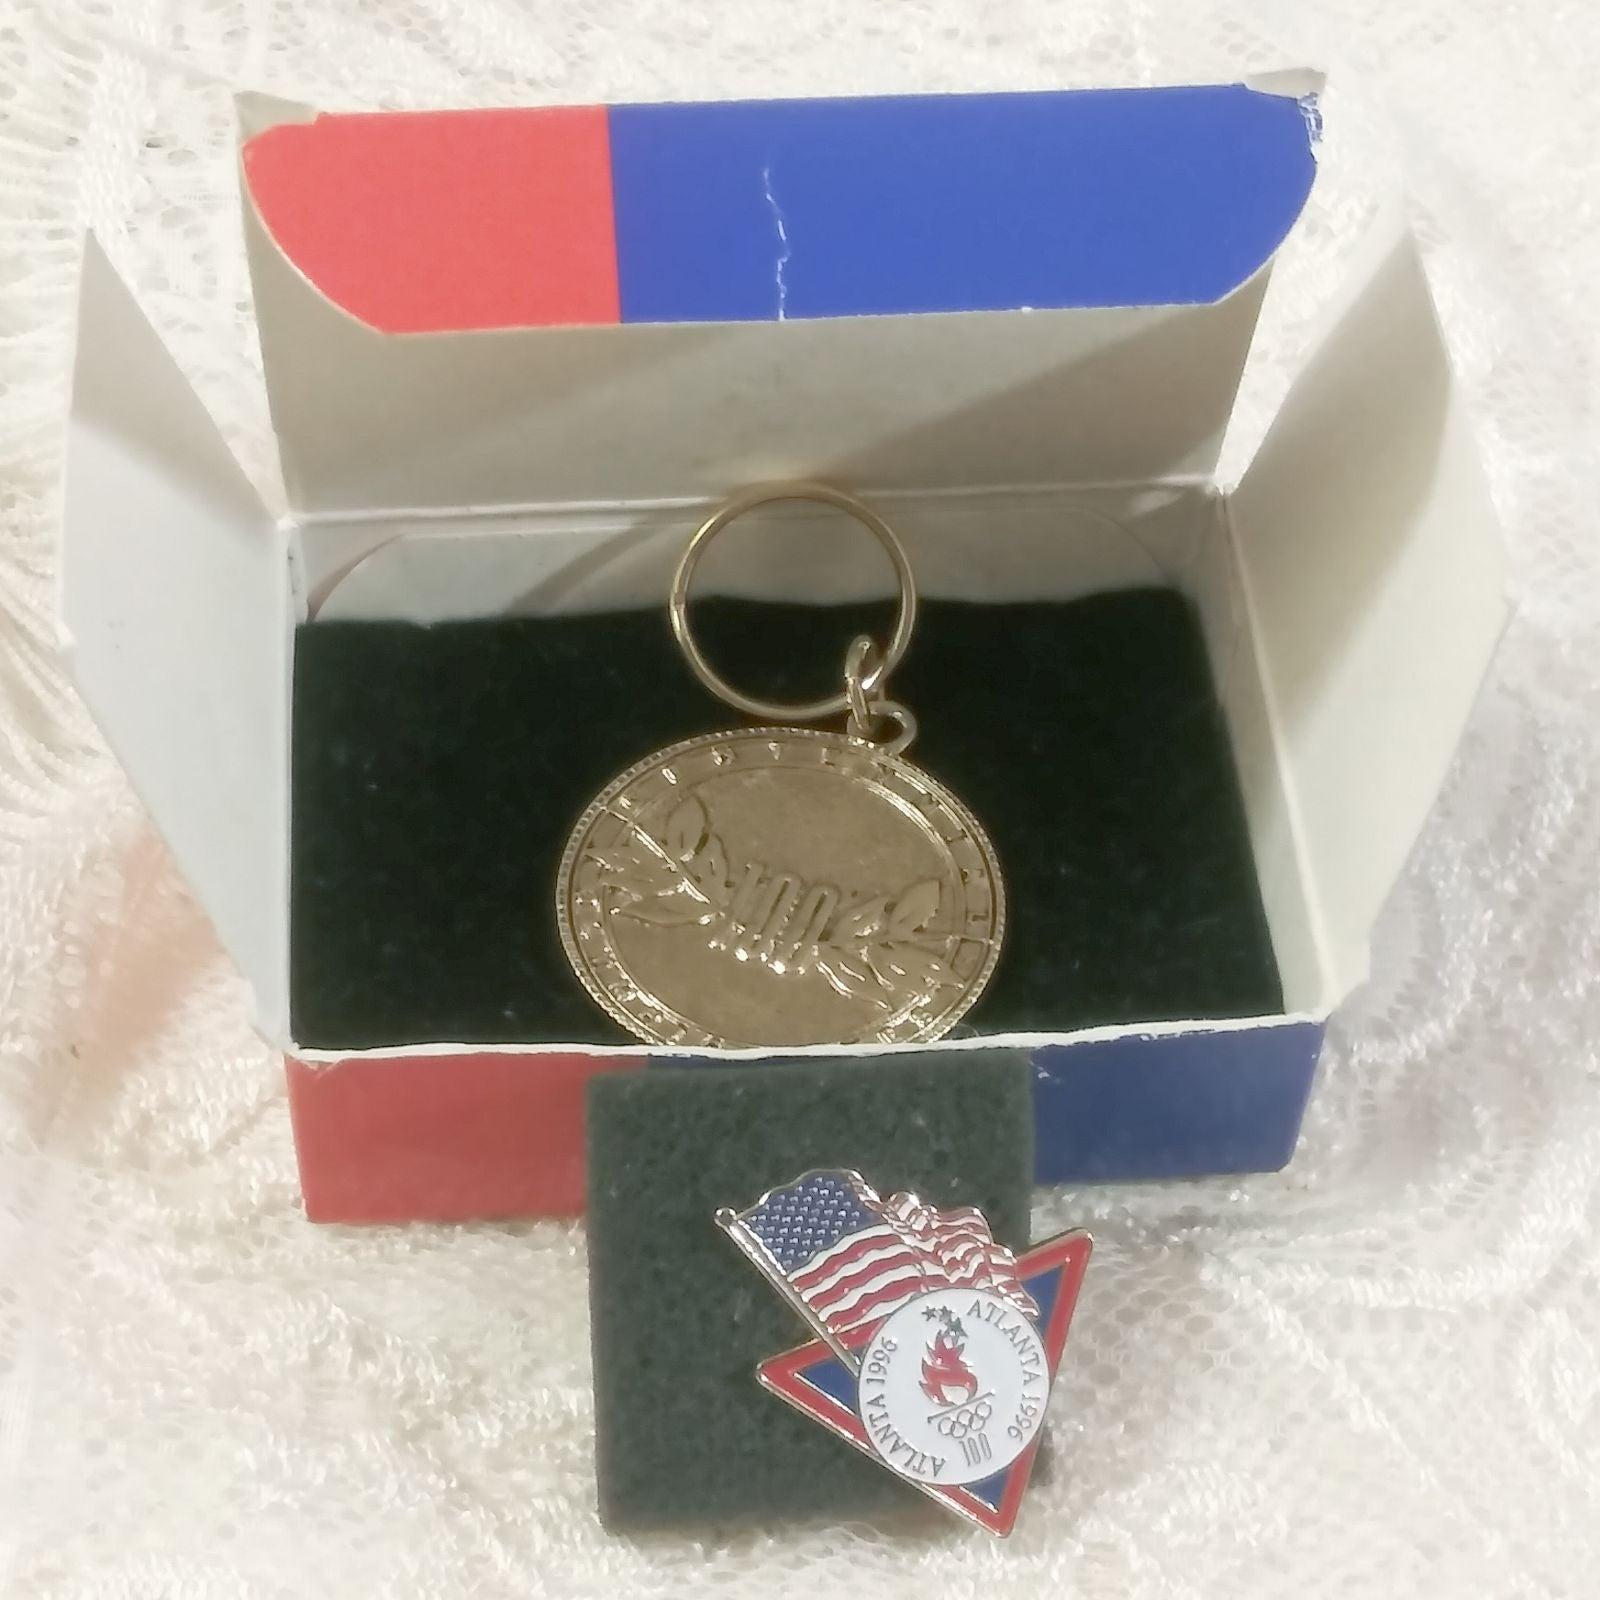 1996 Atlanta Olympics Keychain & Pin